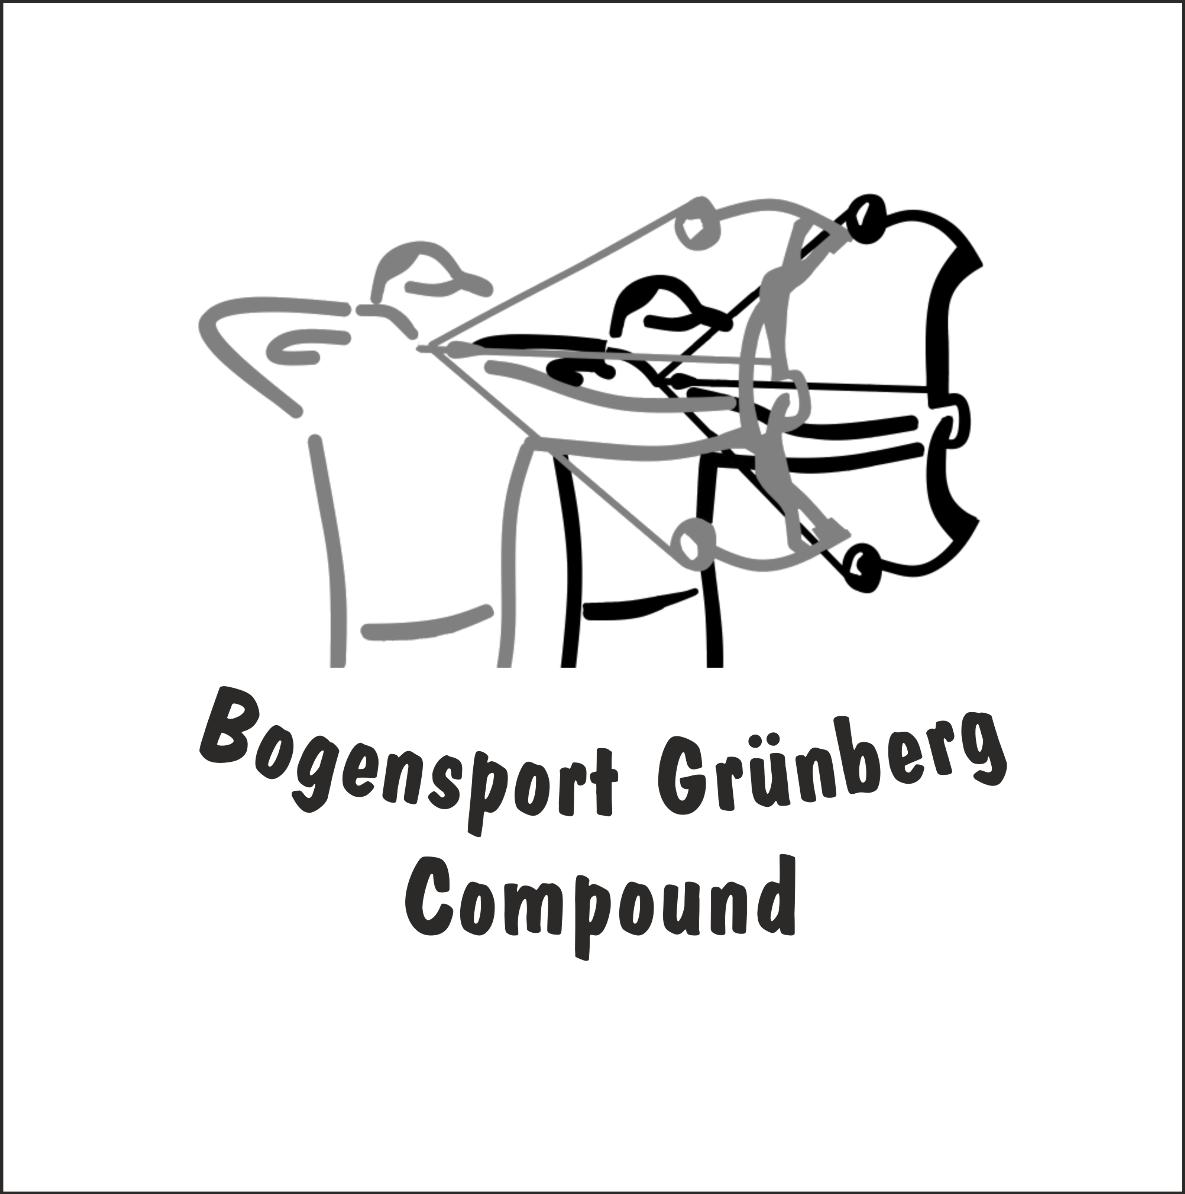 Bogensport Grünberg Compound